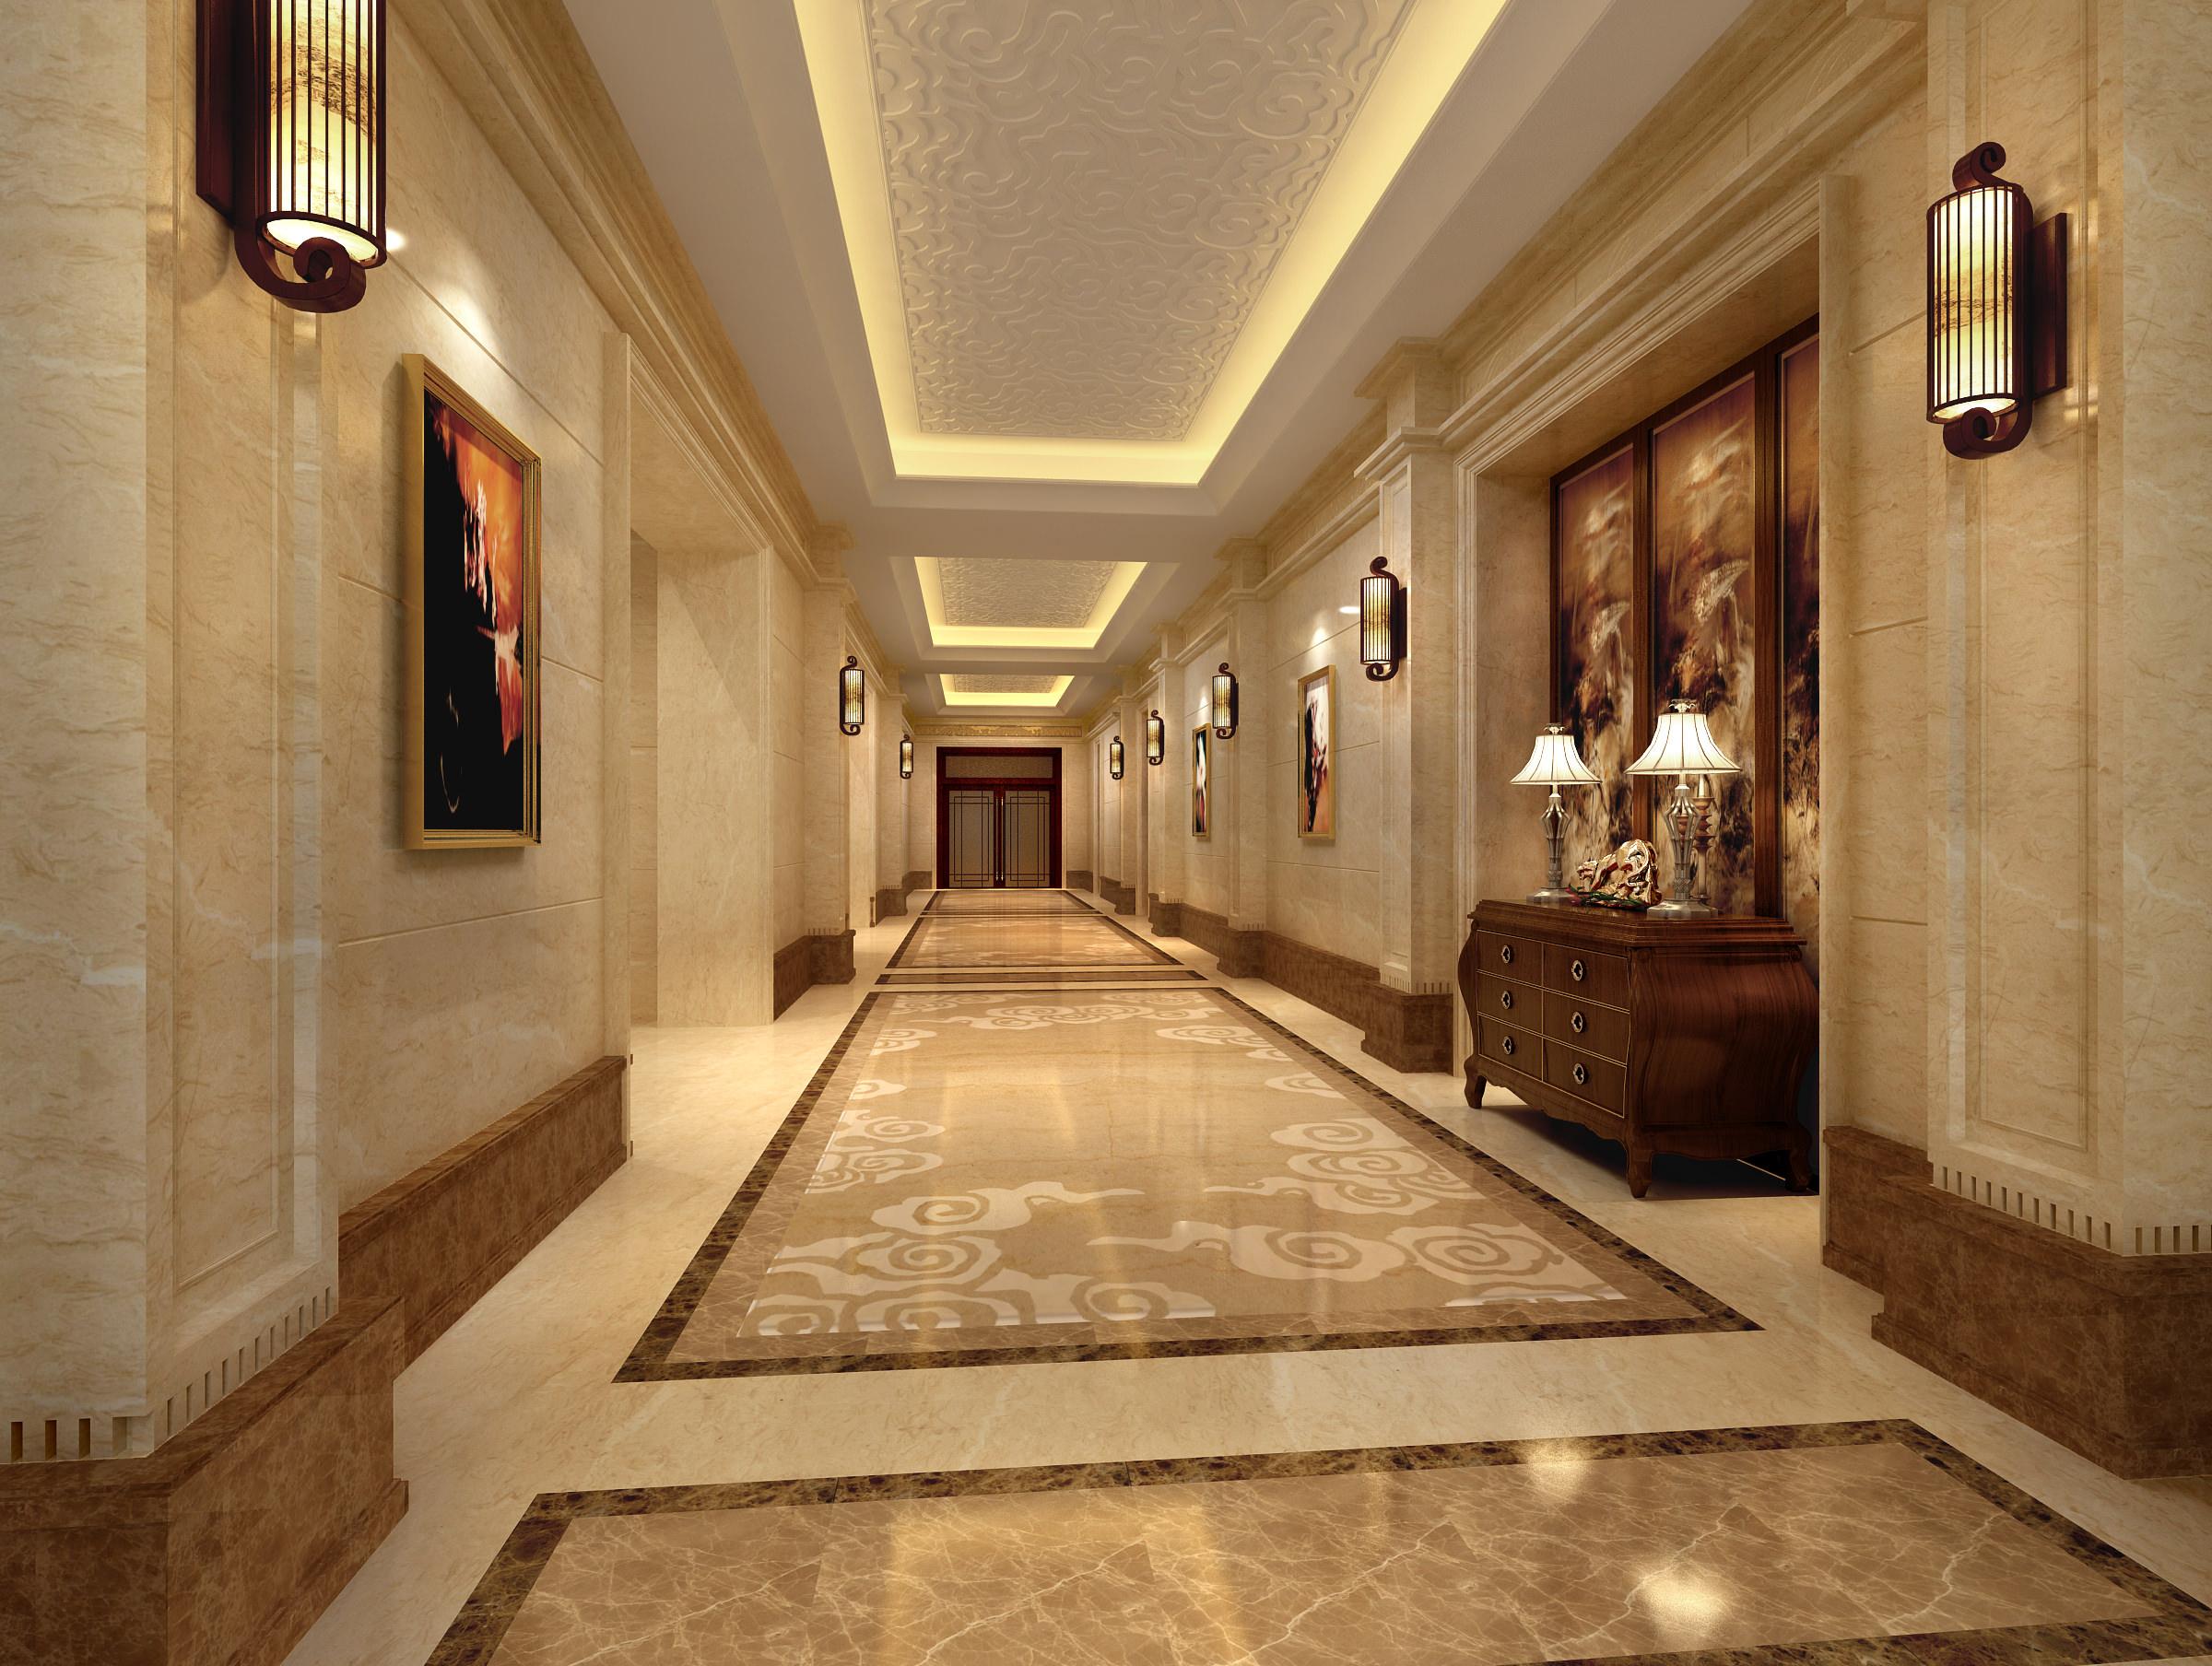 Corridor 3d model max - Schilderij model corridor ...